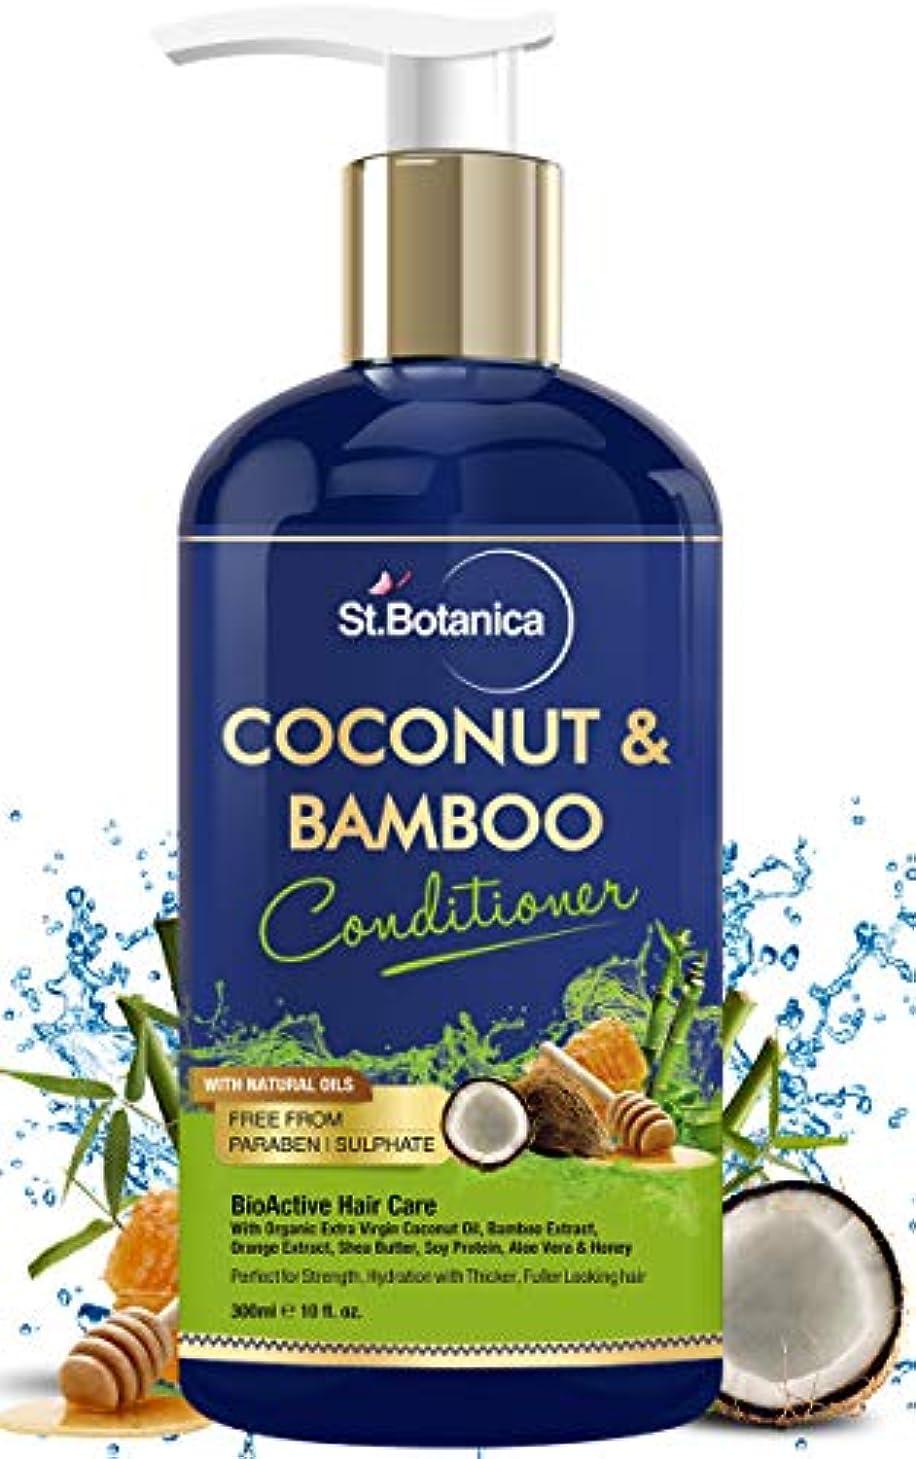 に向けて出発見込み強調するStBotanica Coconut & Bamboo Hair Conditioner, 300ml - For Hair Strength & Hydration, with Organic Virgin Coconut...